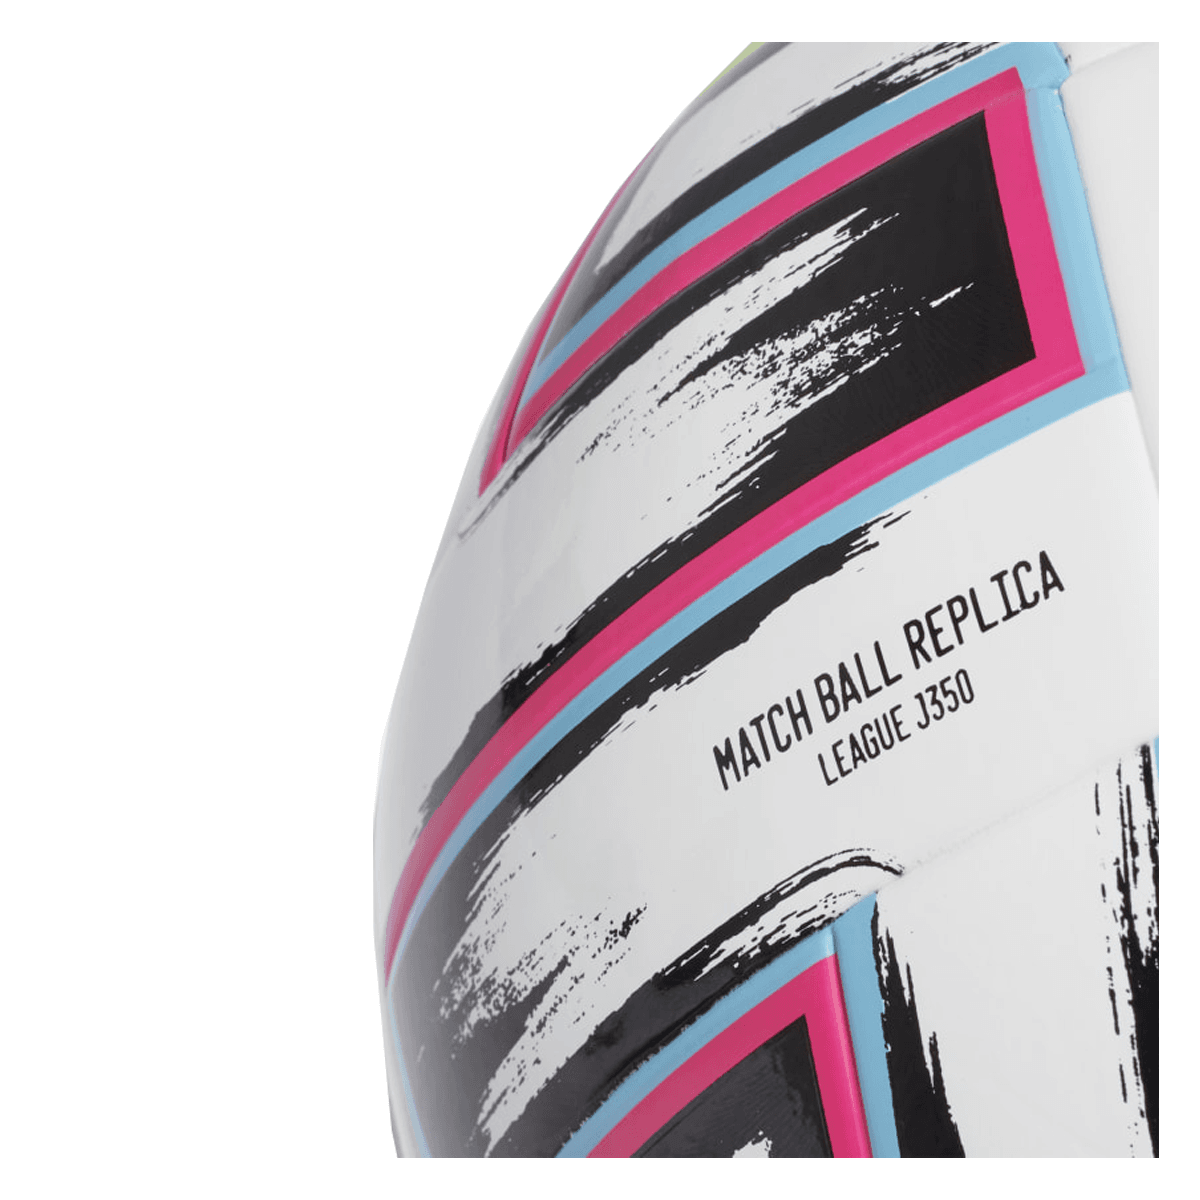 1350 malvorlagen fussball rb leipzig zum ausdrucken